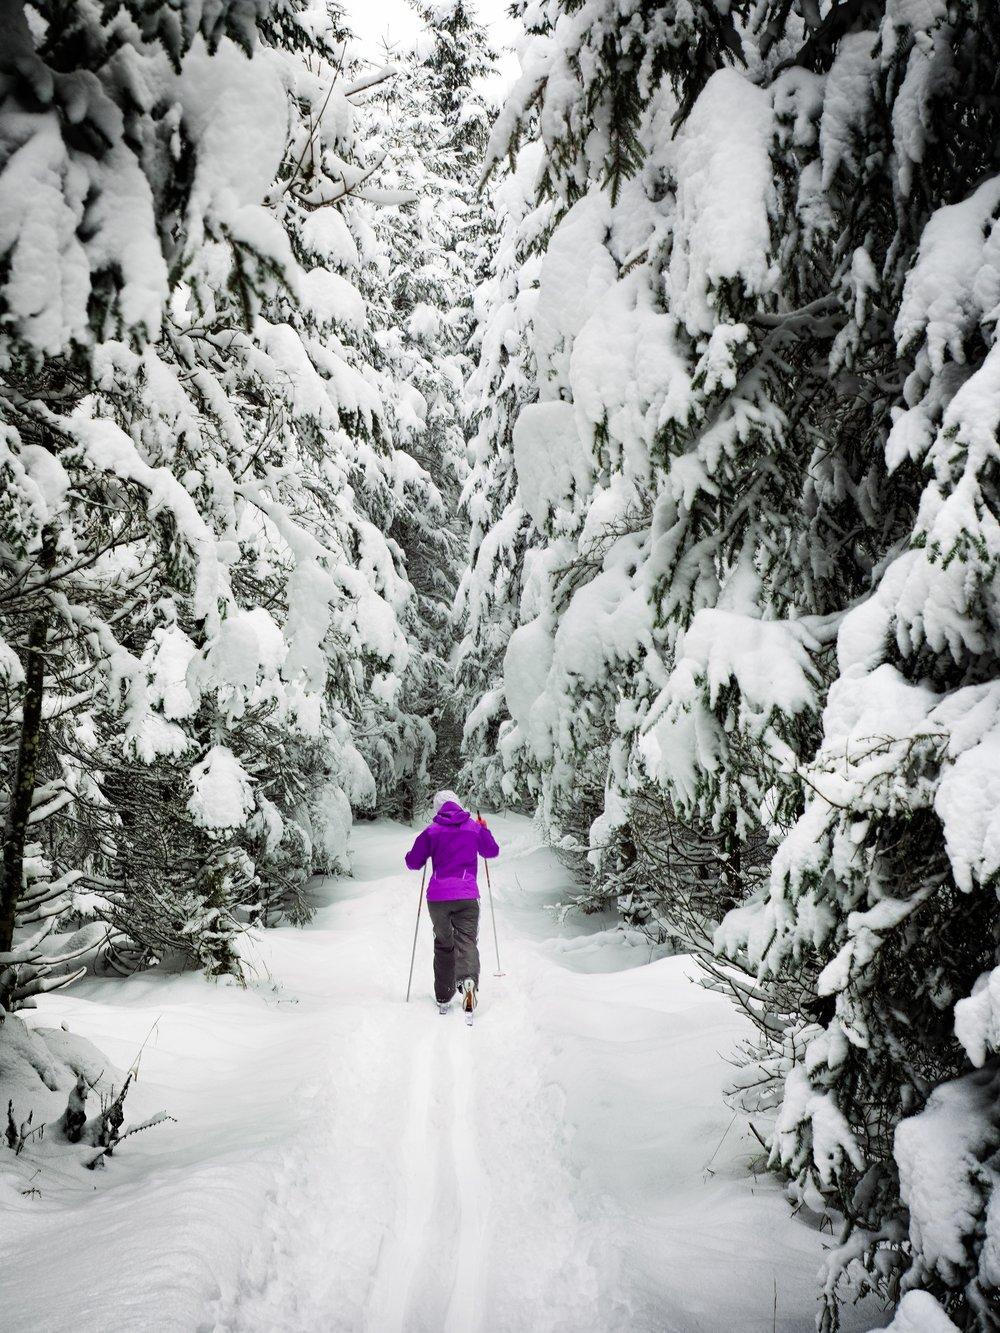 - XC Skiing